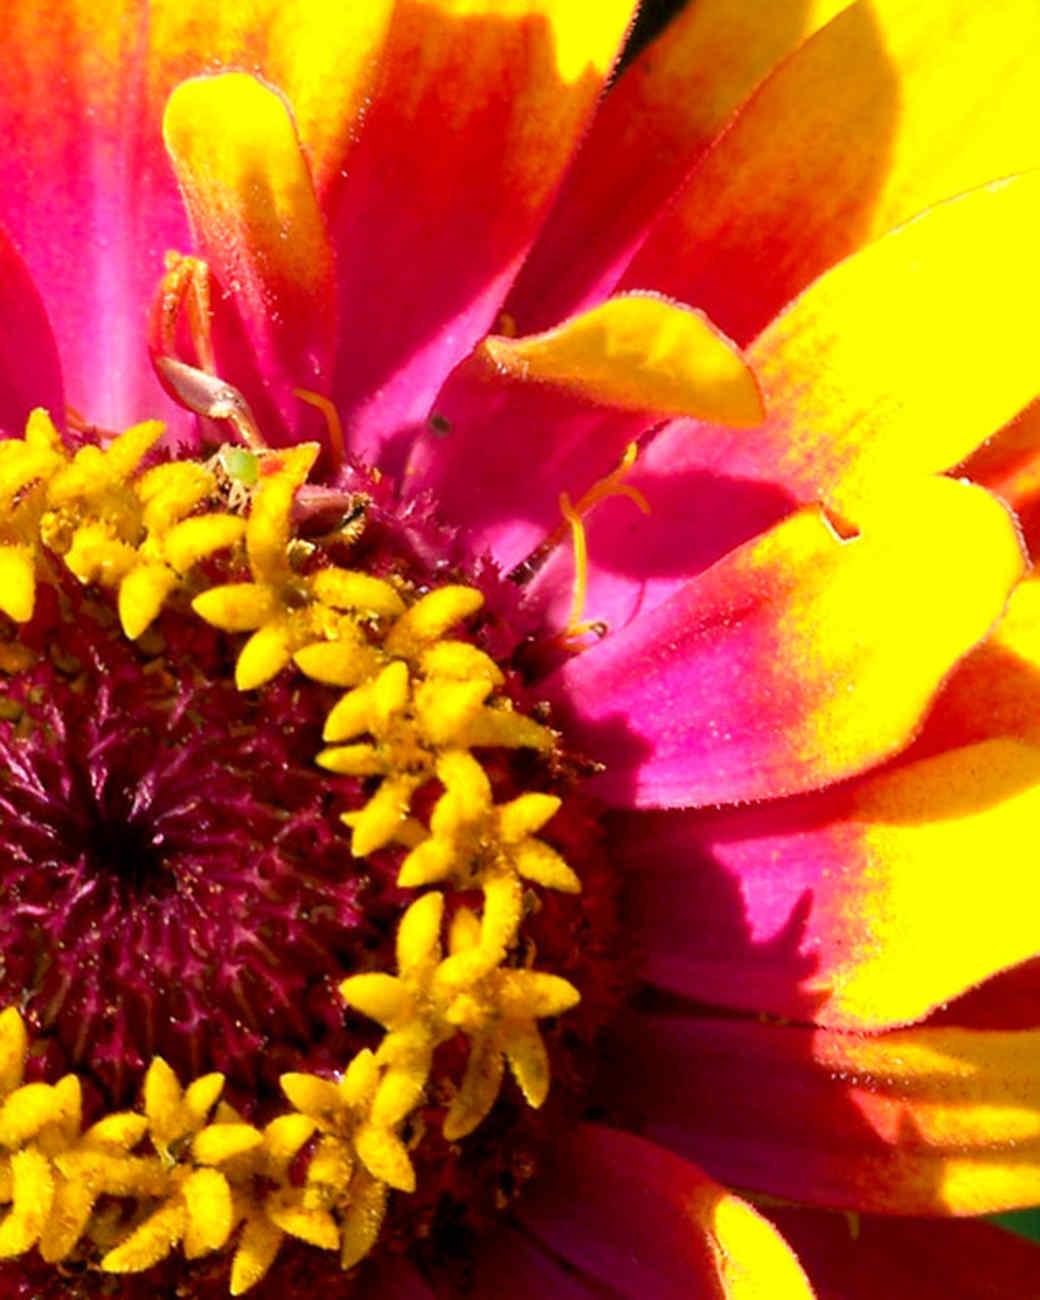 garden_contest_79621.jpg